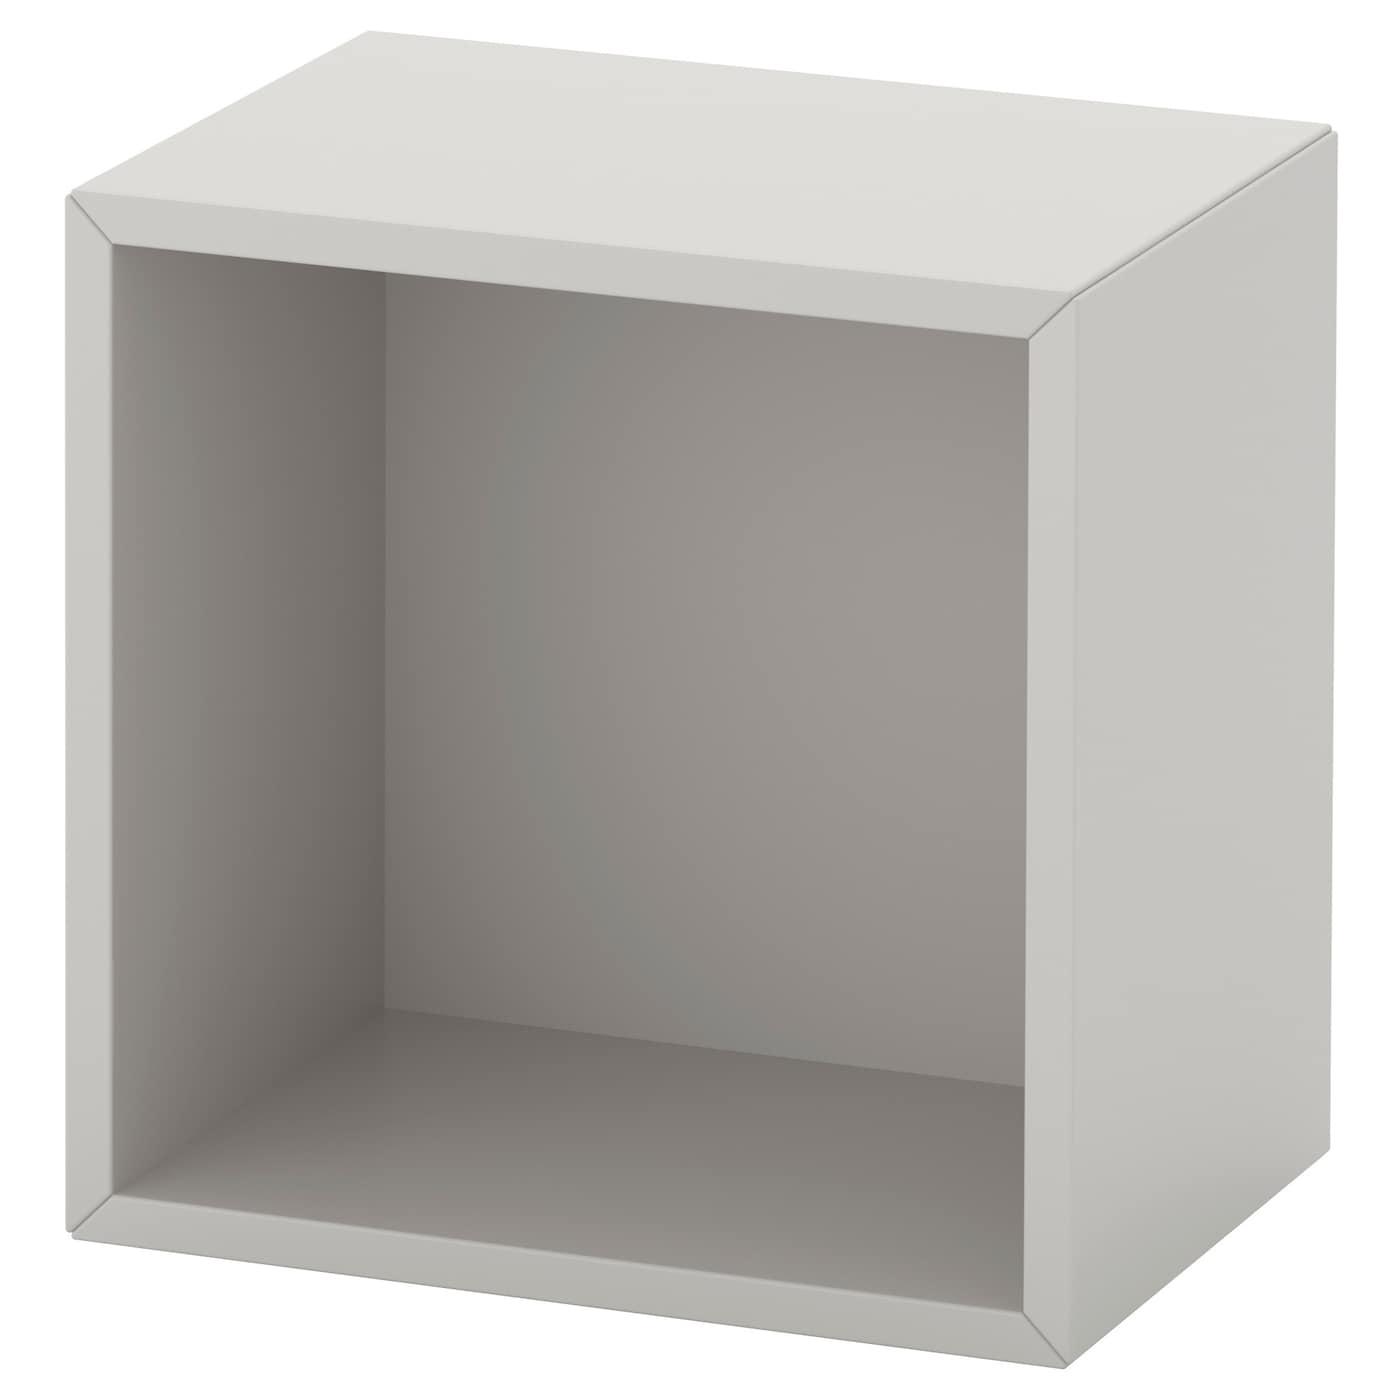 EKET Regalelement, wandmontiert, weiß. Mehr erfahren IKEA